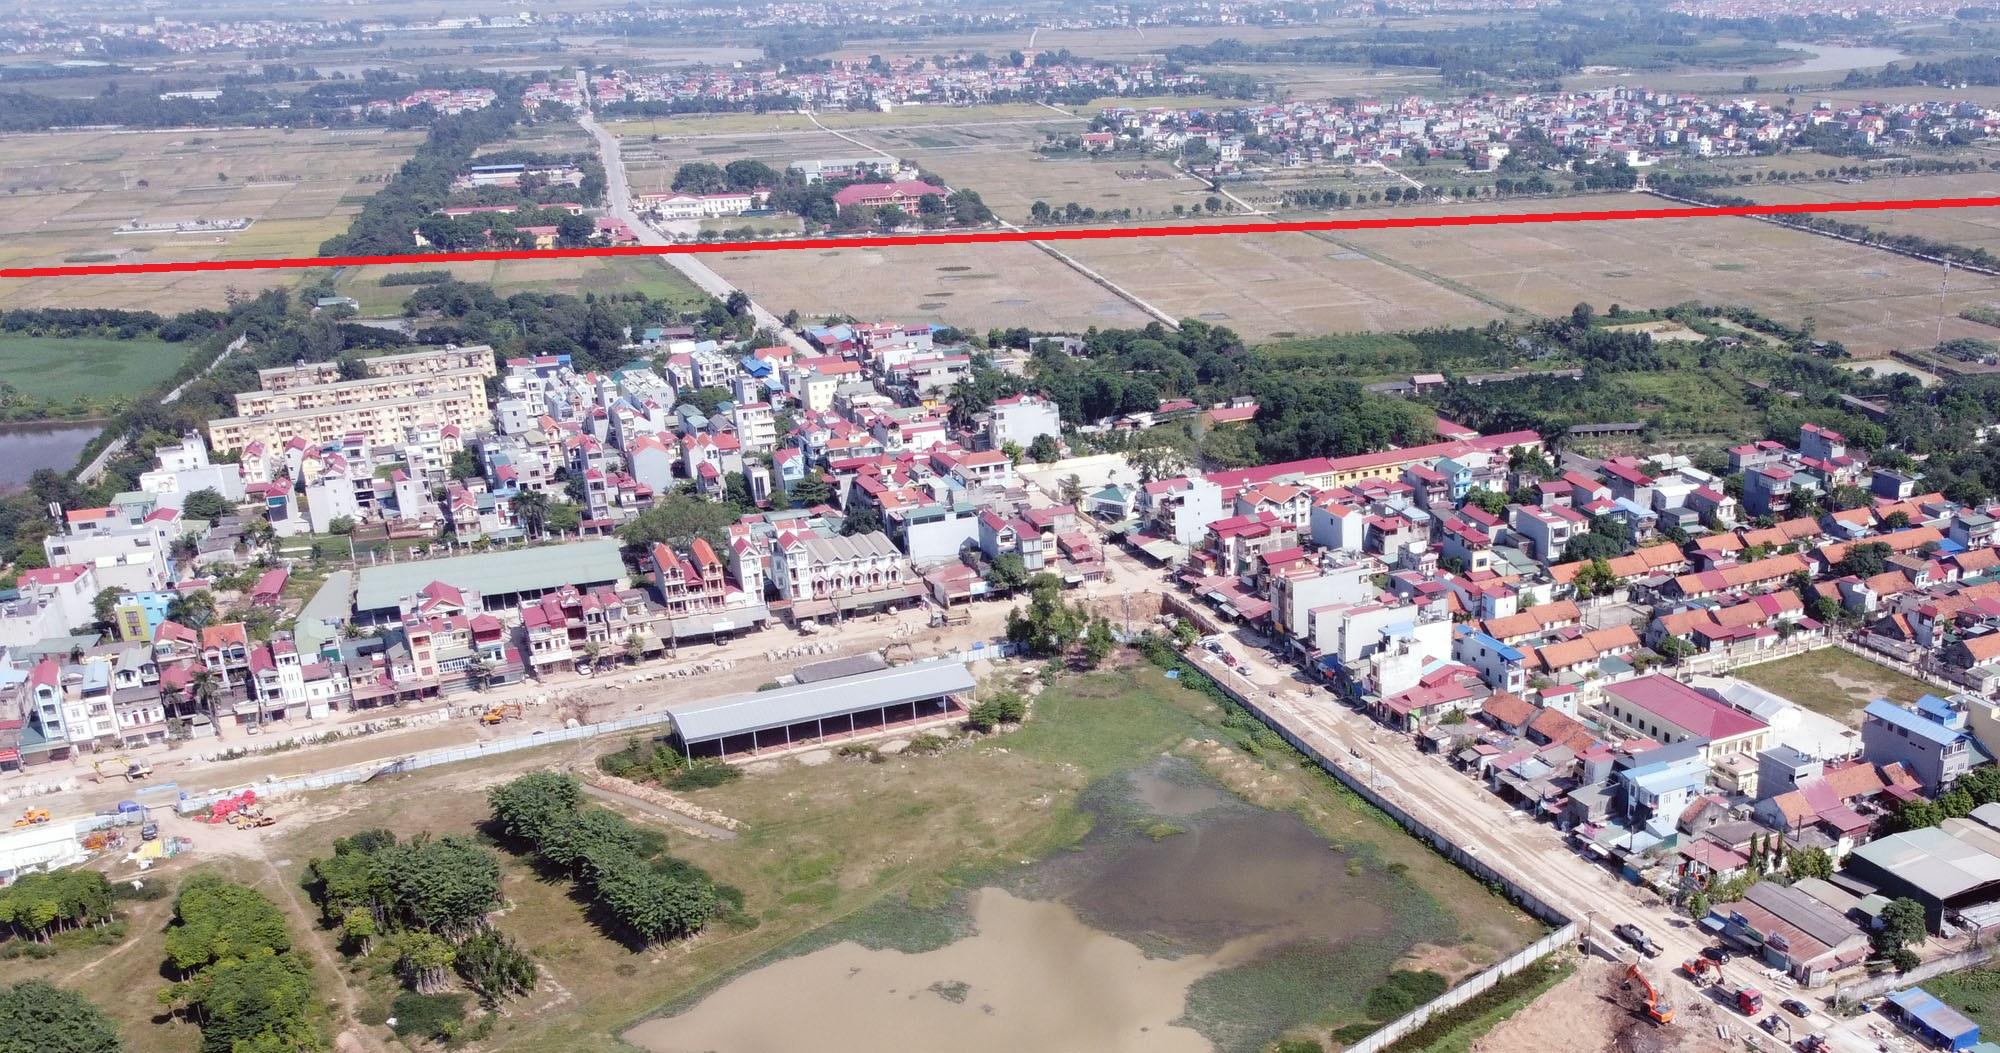 Ba đường sẽ mở theo qui hoạch ở xã Xuân Nộn, Đông Anh, Hà Nội - Ảnh 11.